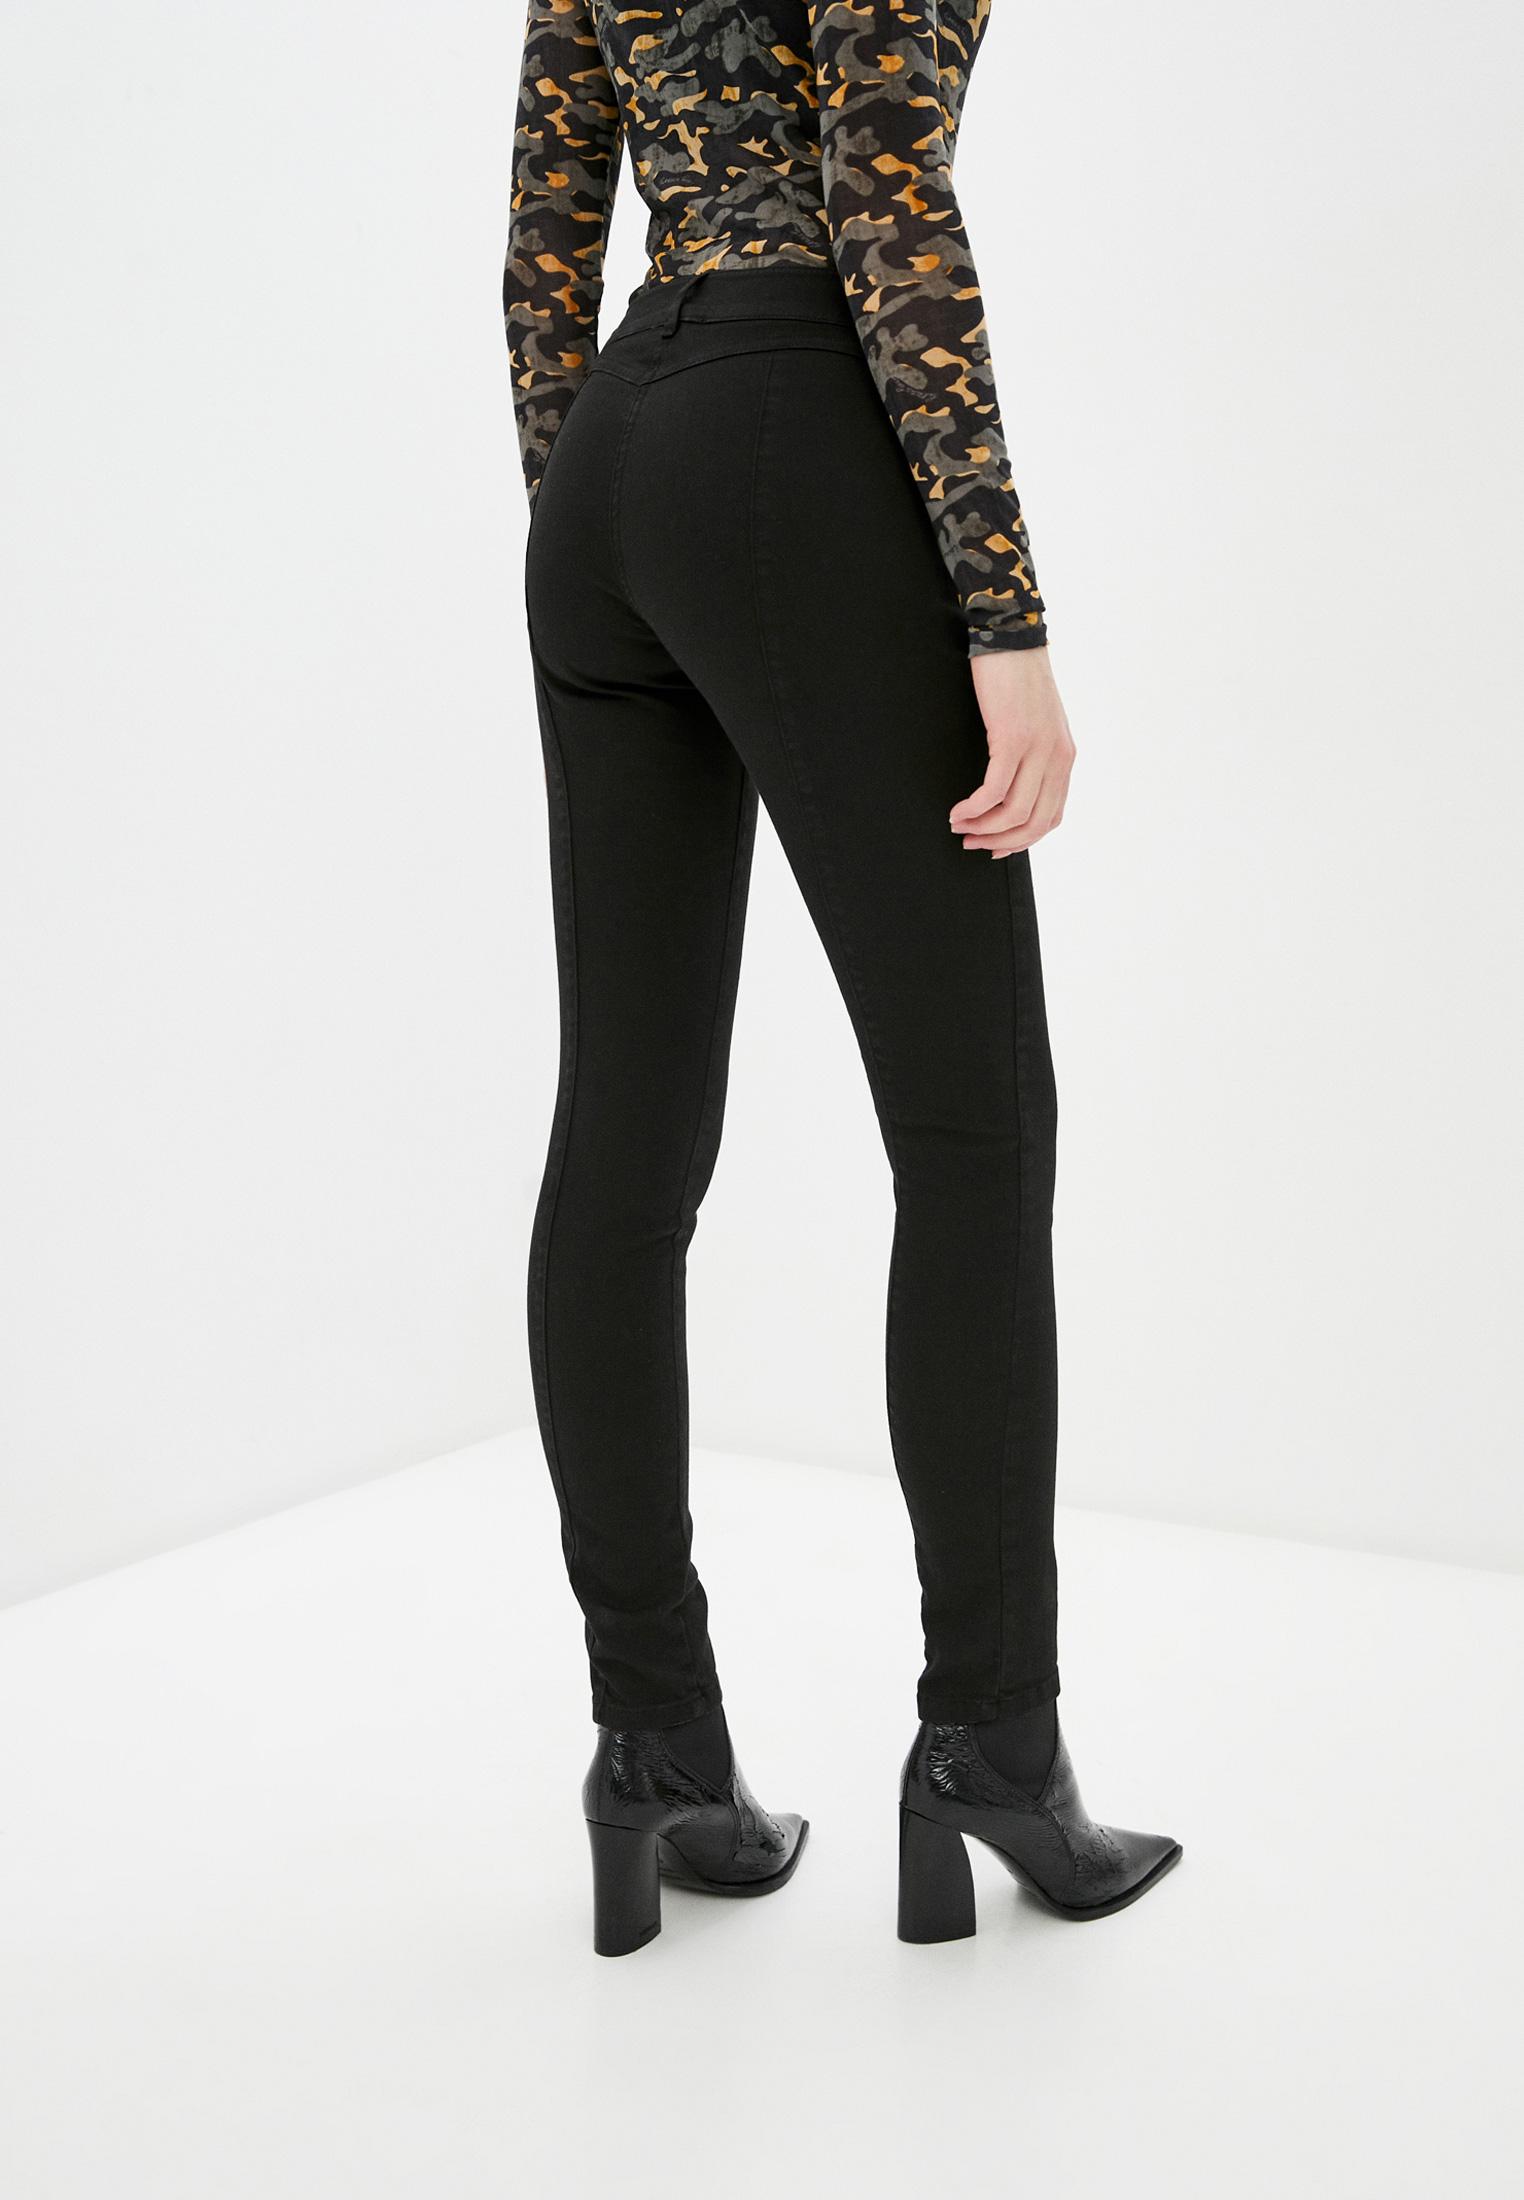 Зауженные джинсы Patrizia Pepe (Патриция Пепе) 8P0336 A8S1: изображение 4